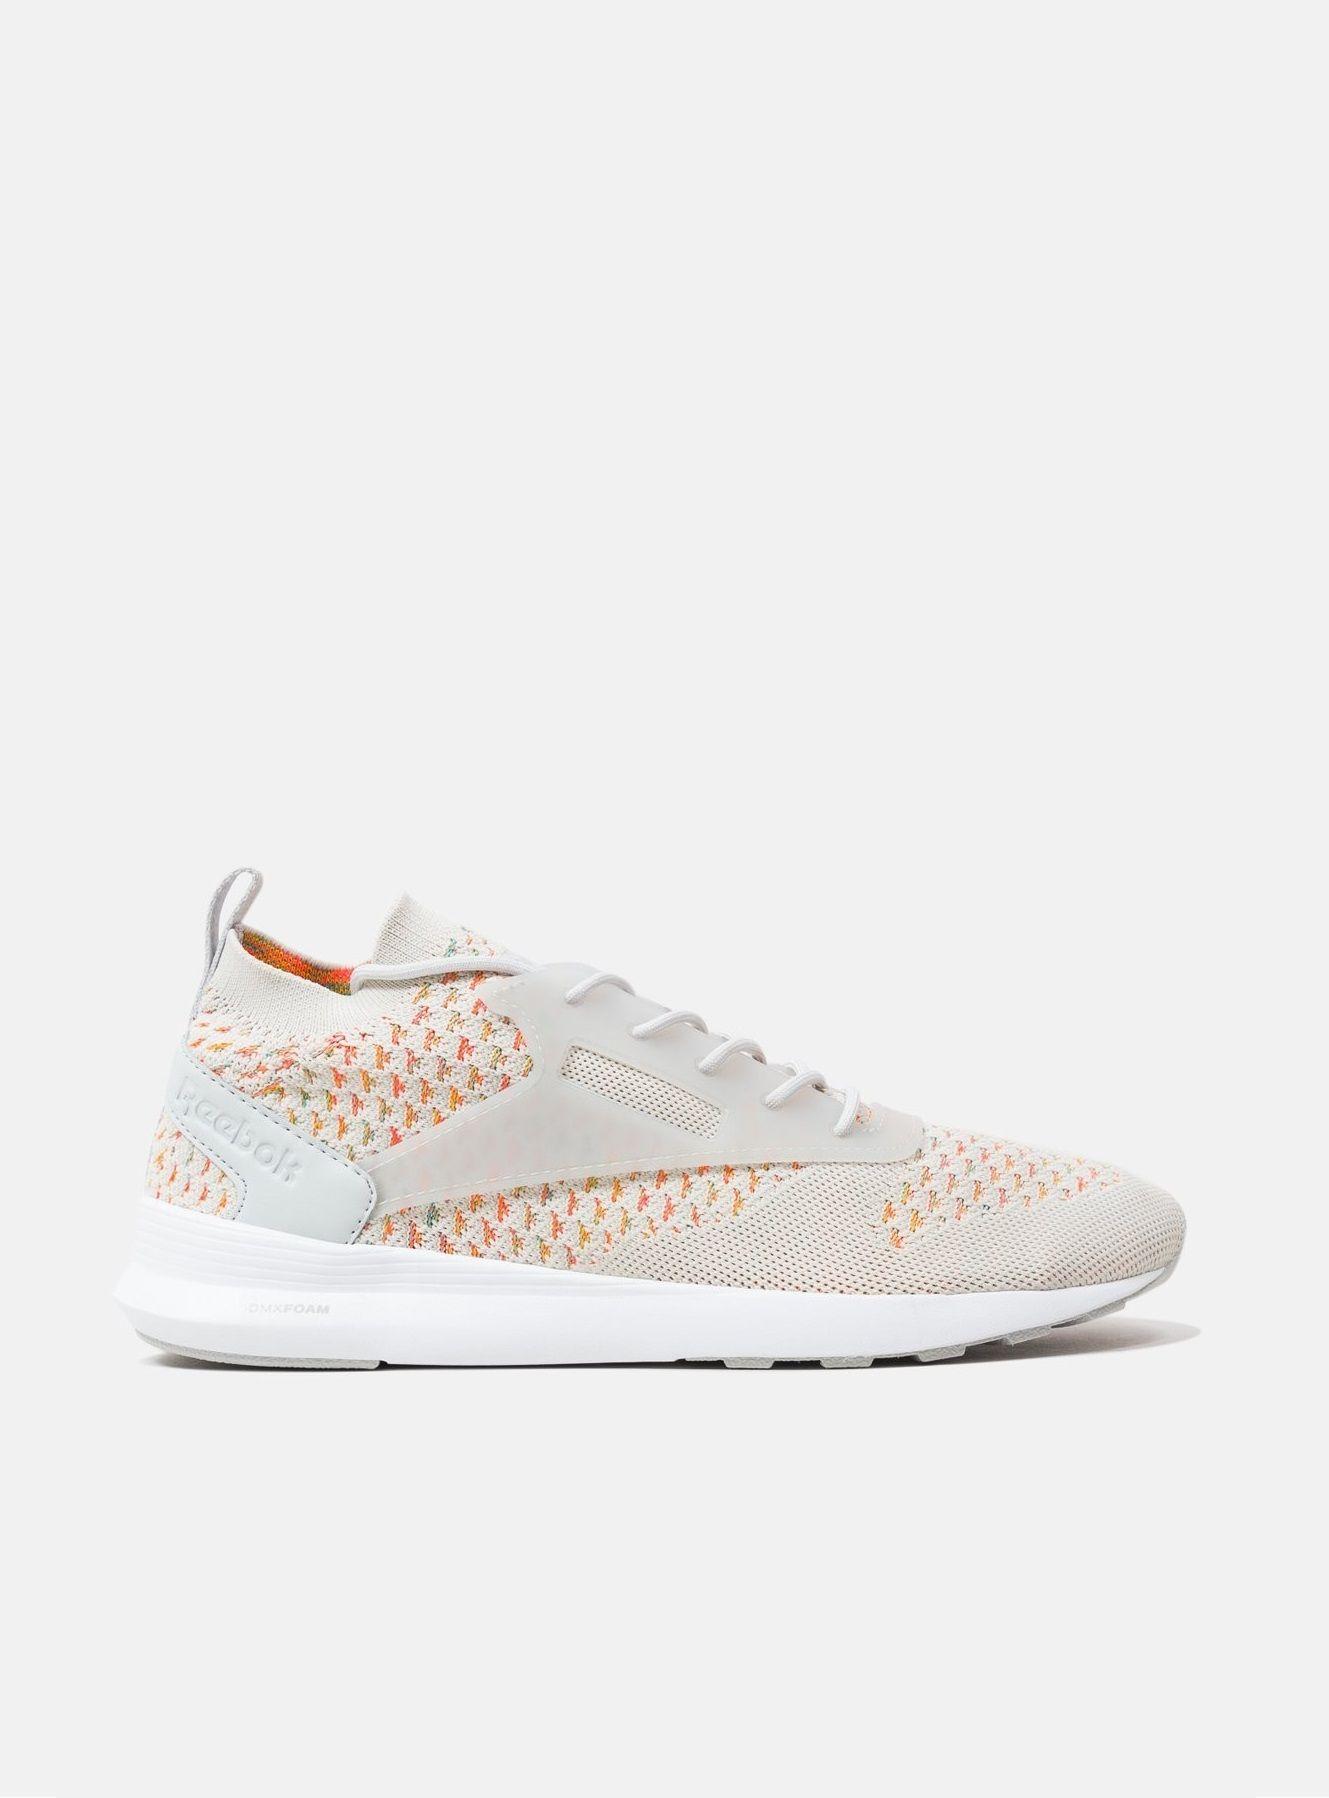 Reebok Zoku | Sneakers, Reebok, Slip on sneaker